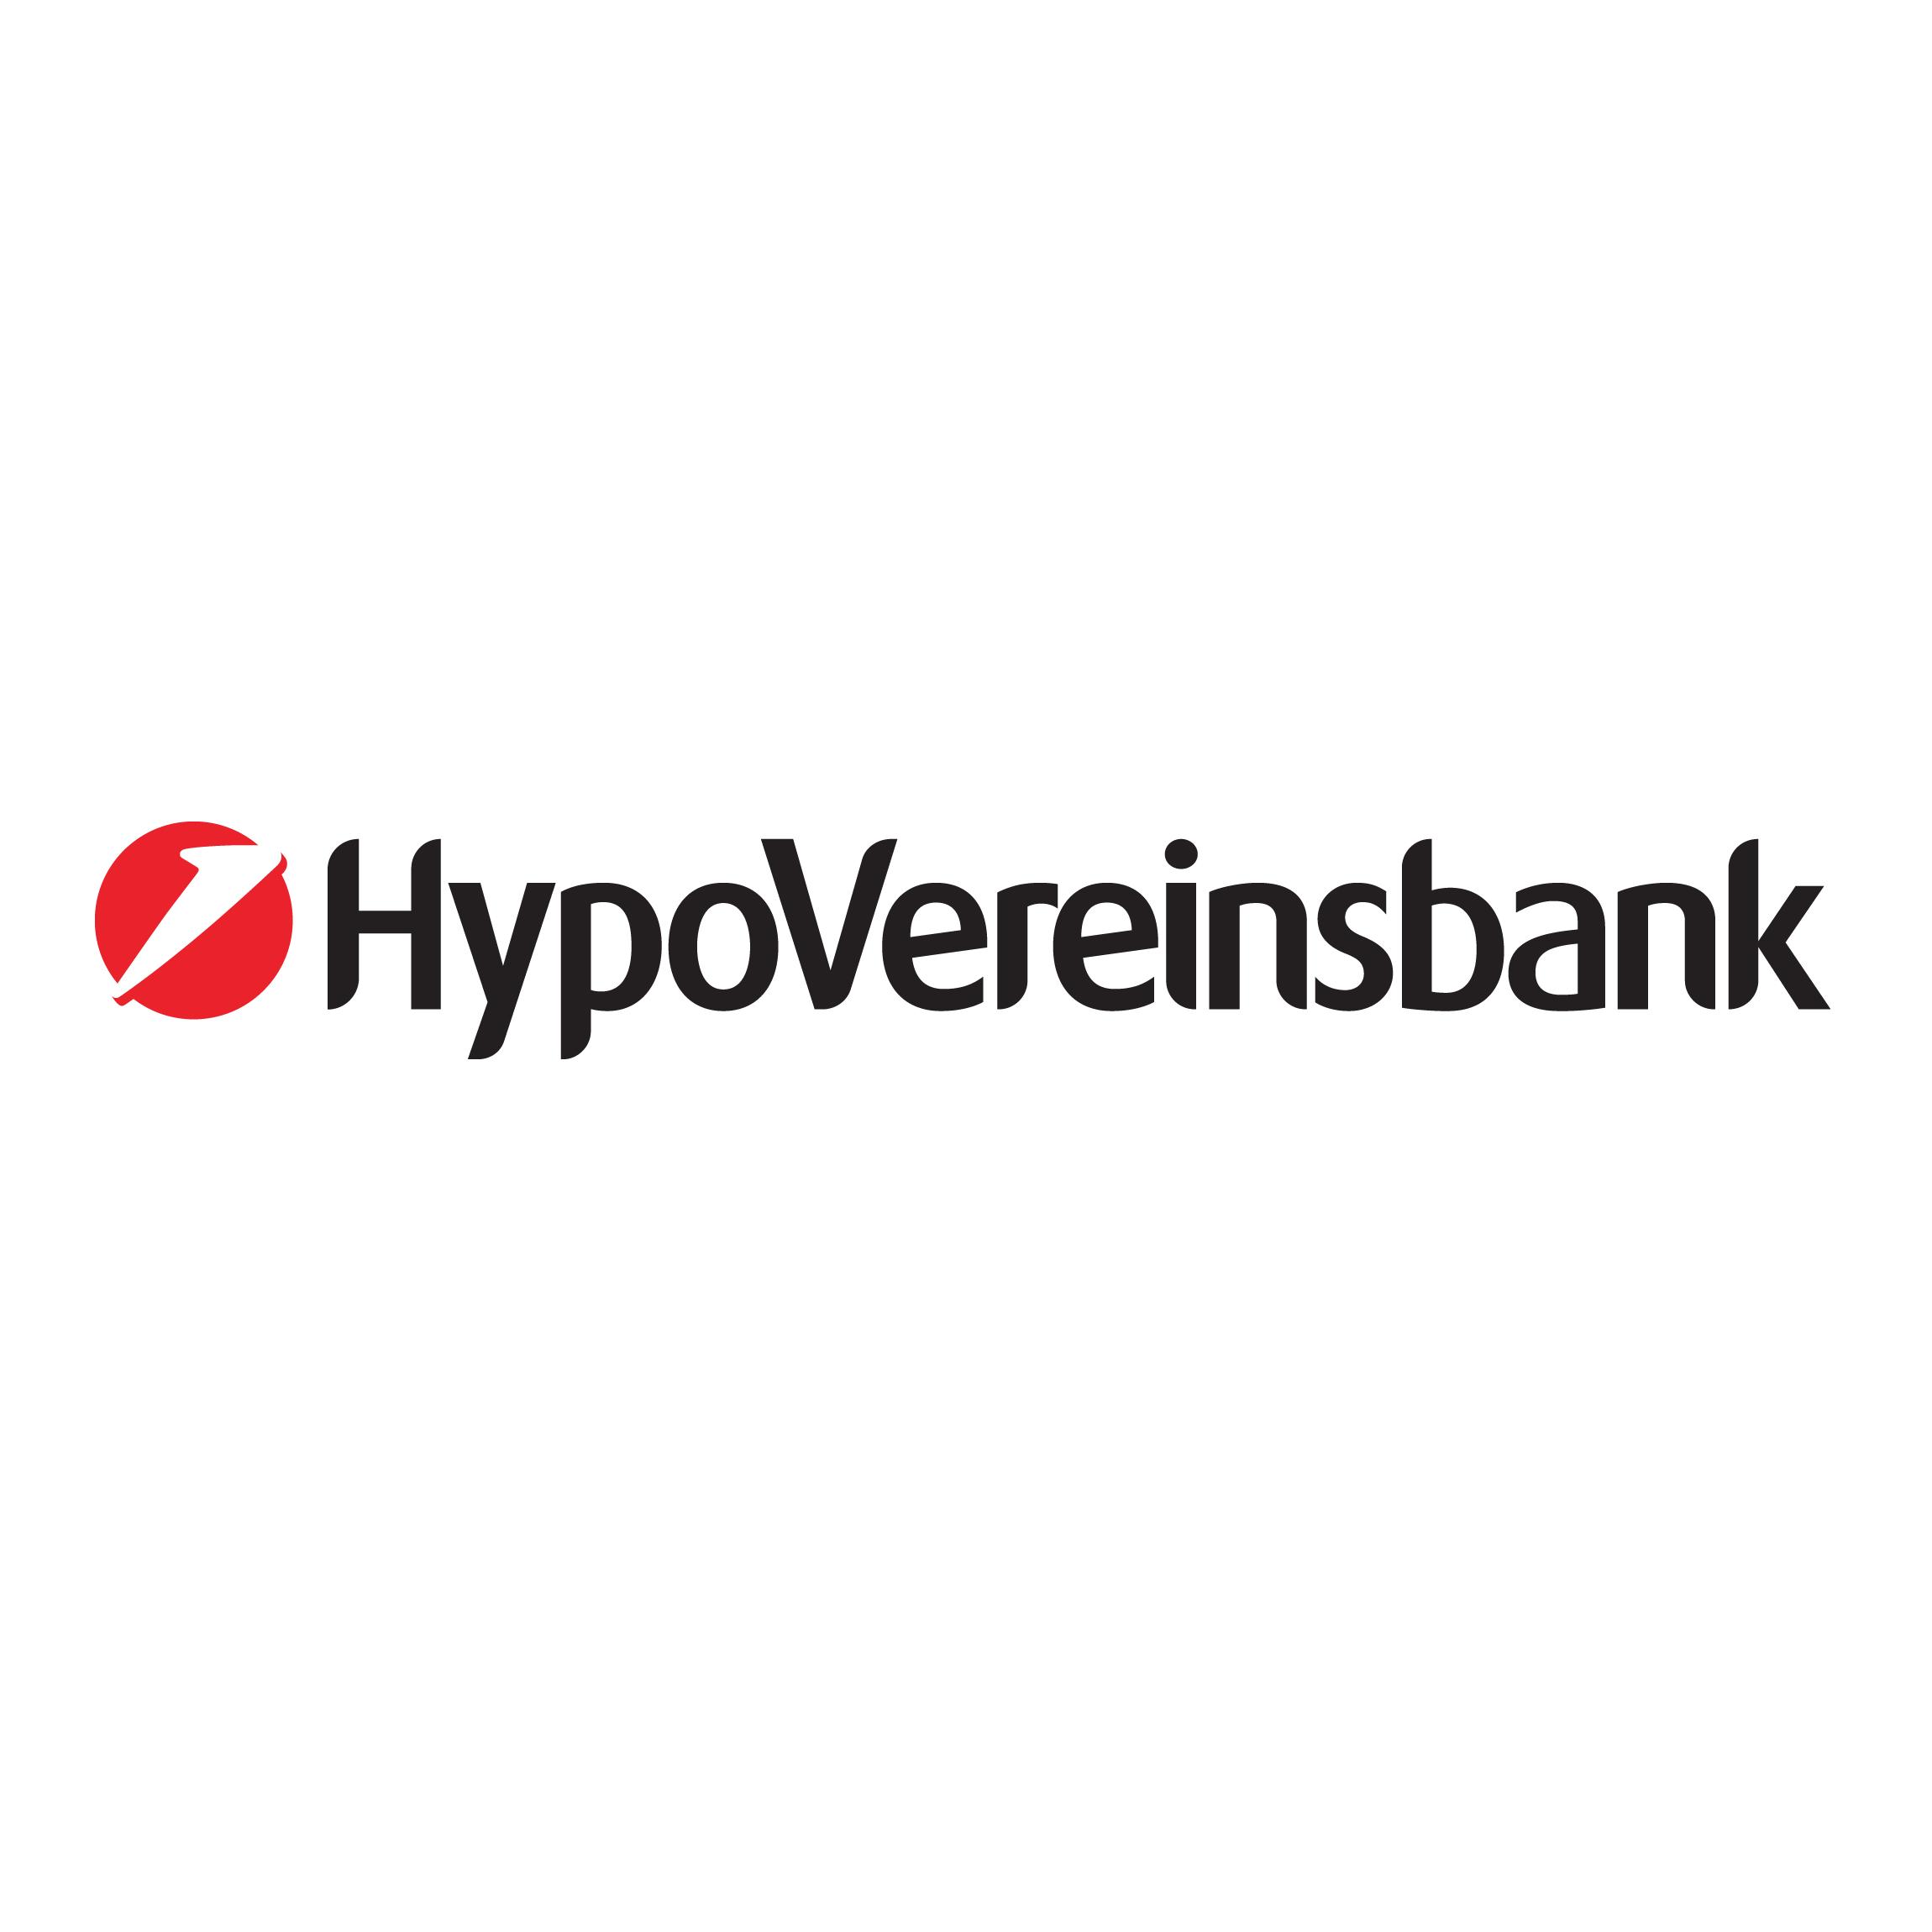 HypoVereinsbank Unterföhring Geldautomat